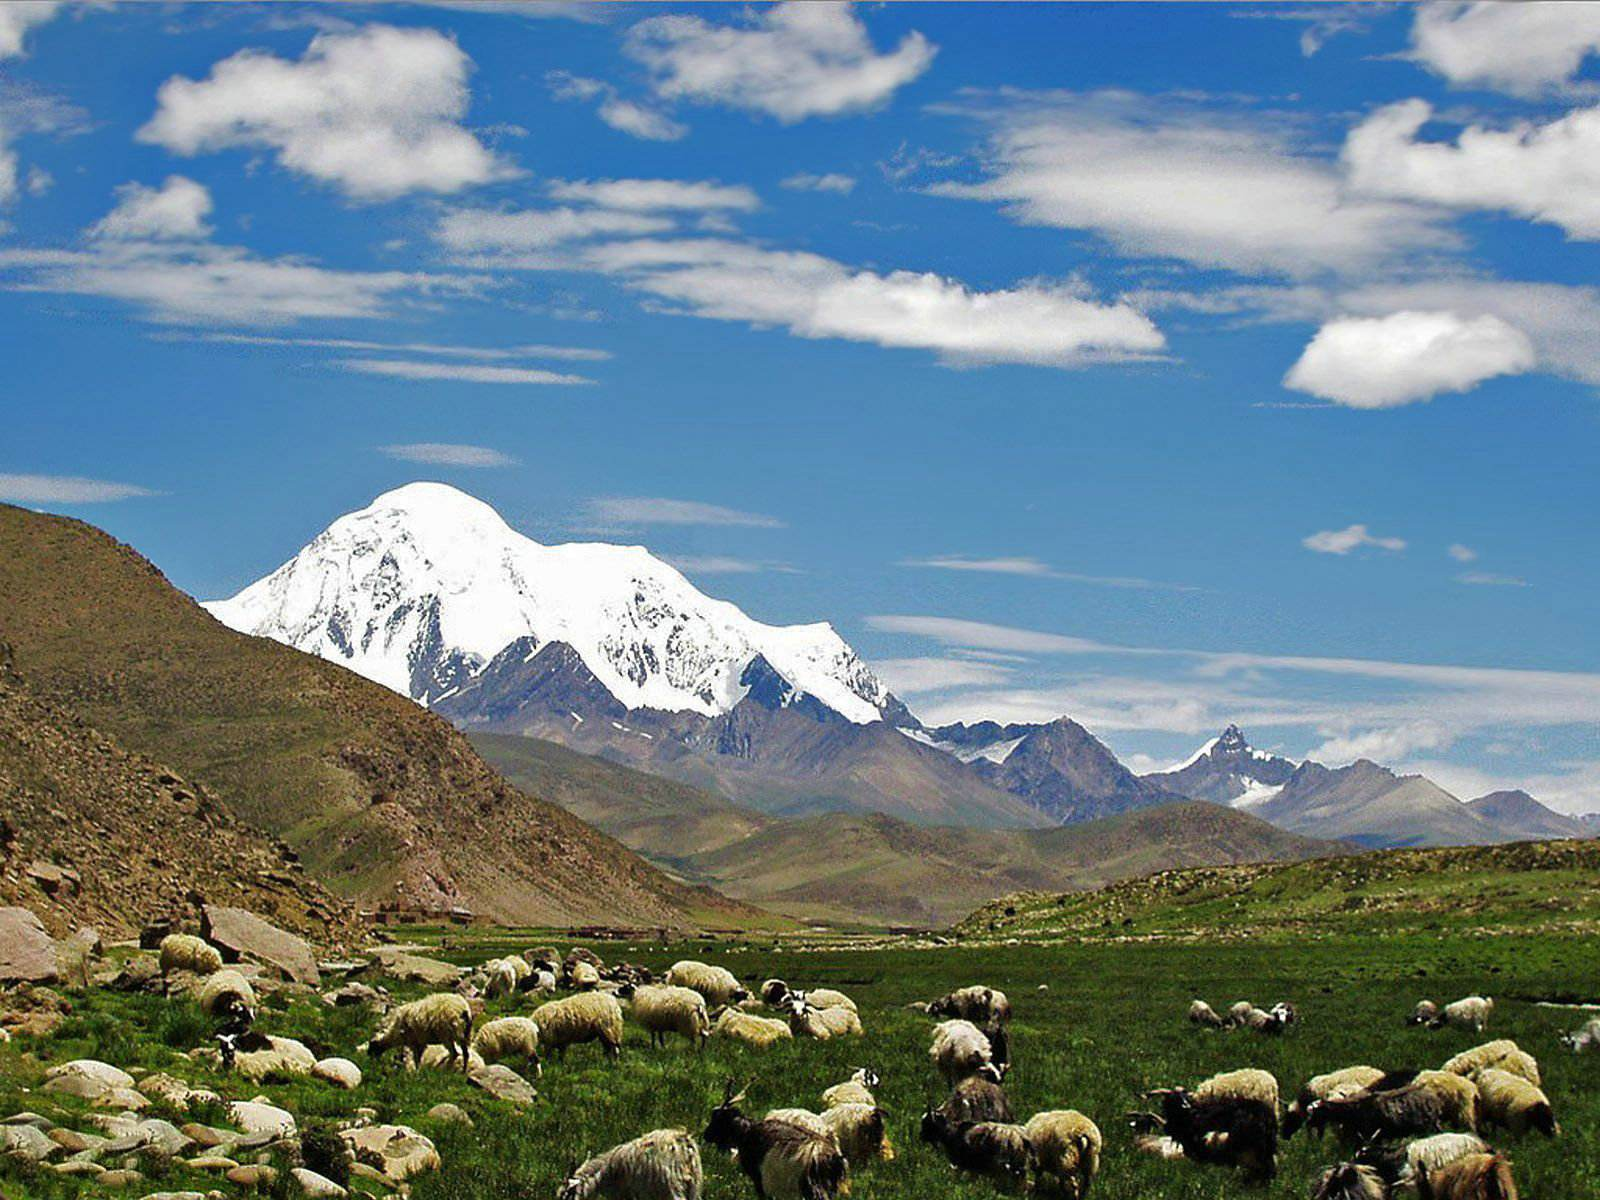 西藏日报:坚定不移贯彻落实习近平总书记治边稳藏重要战略思想